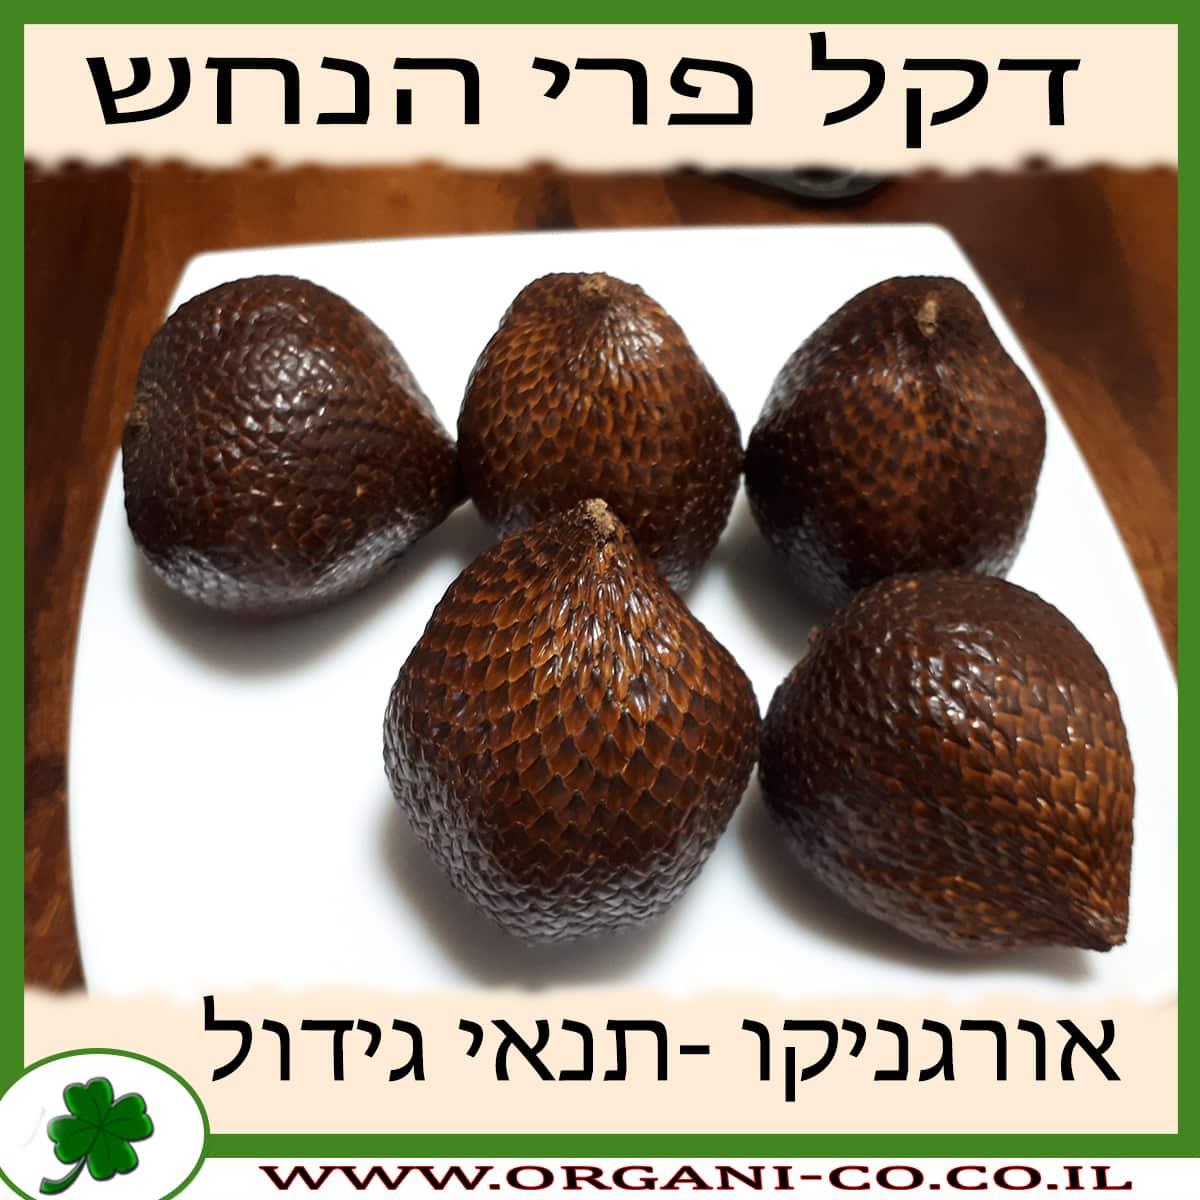 דקל פרי הנחש - סלאק - תנאי גידול